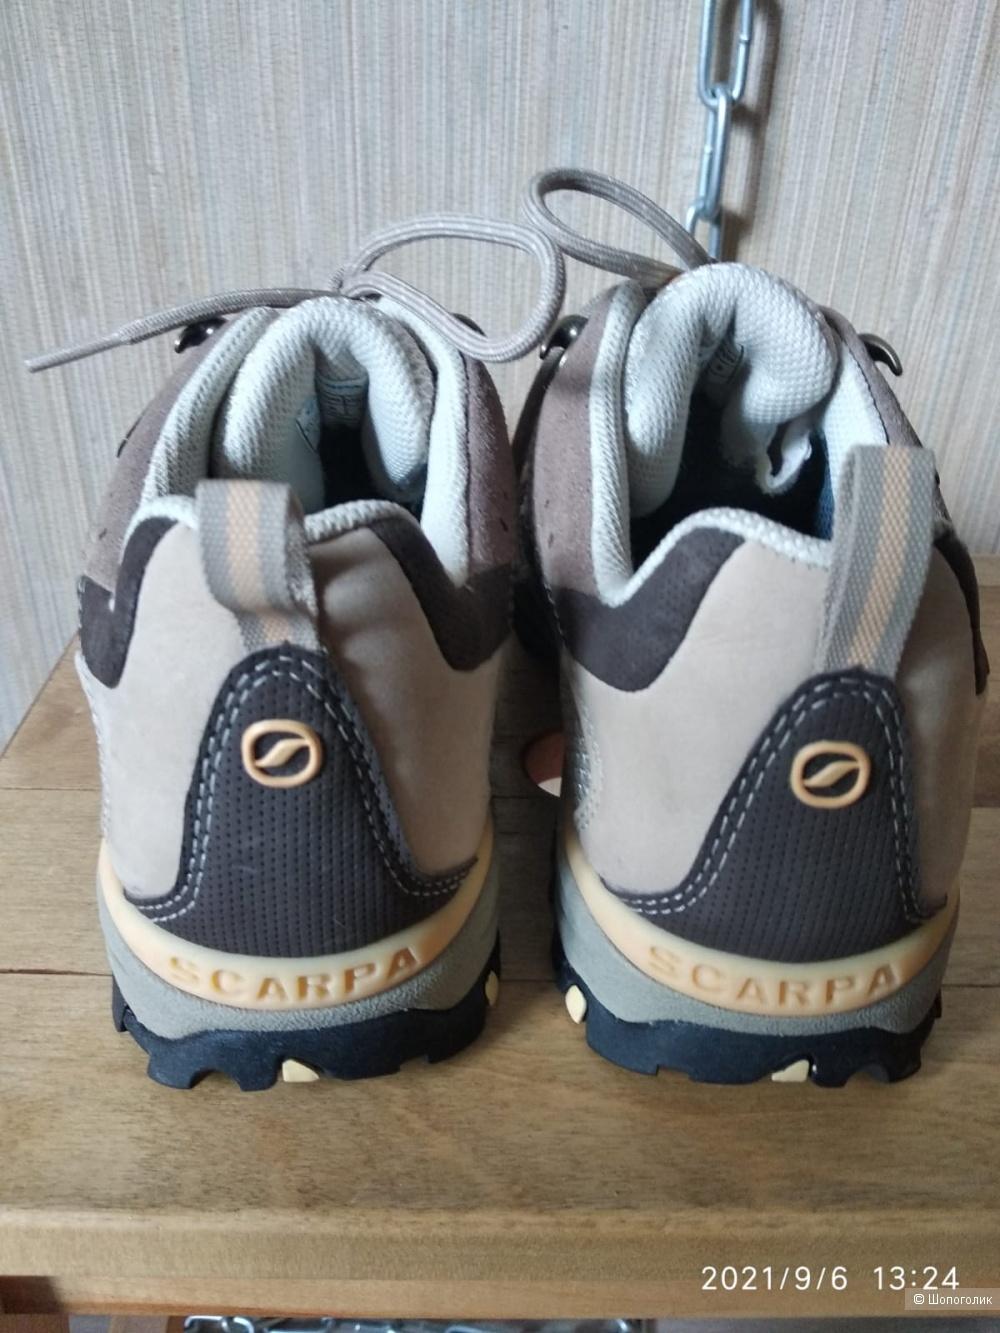 Кроссовки Scarpa, 36-37 размер